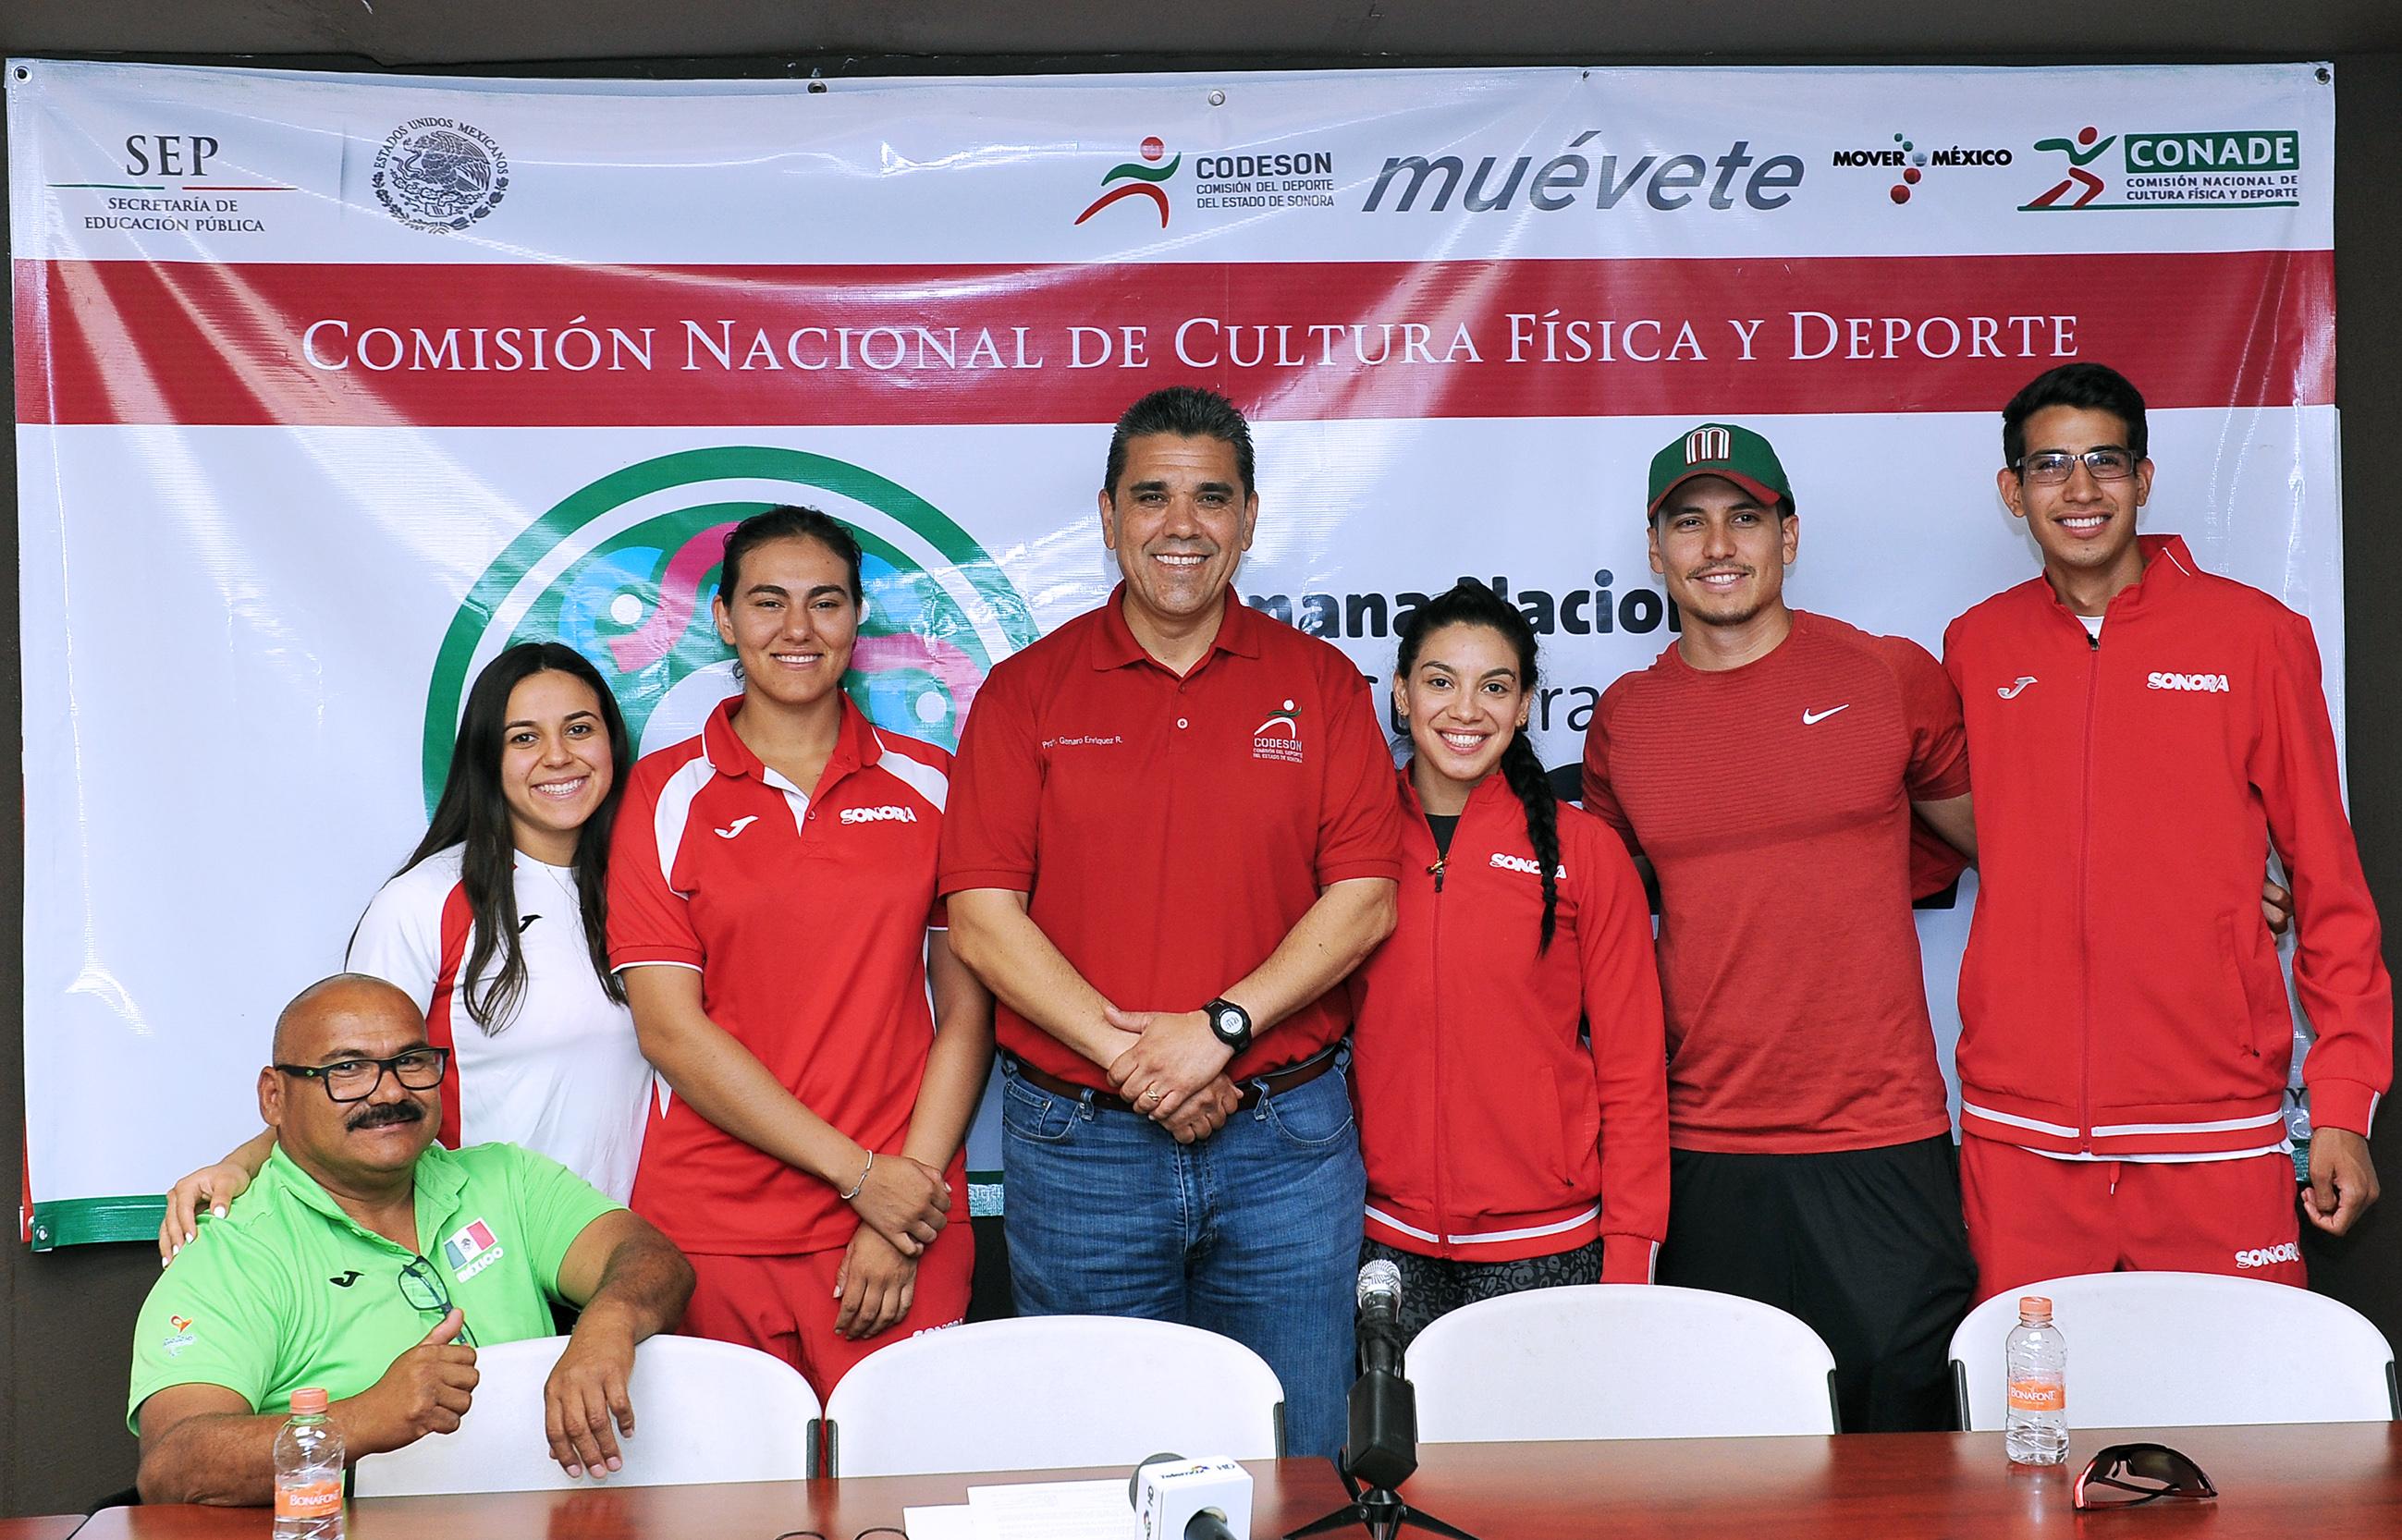 Arranca Semana de la Cultura Física y Deporte en Coahuila